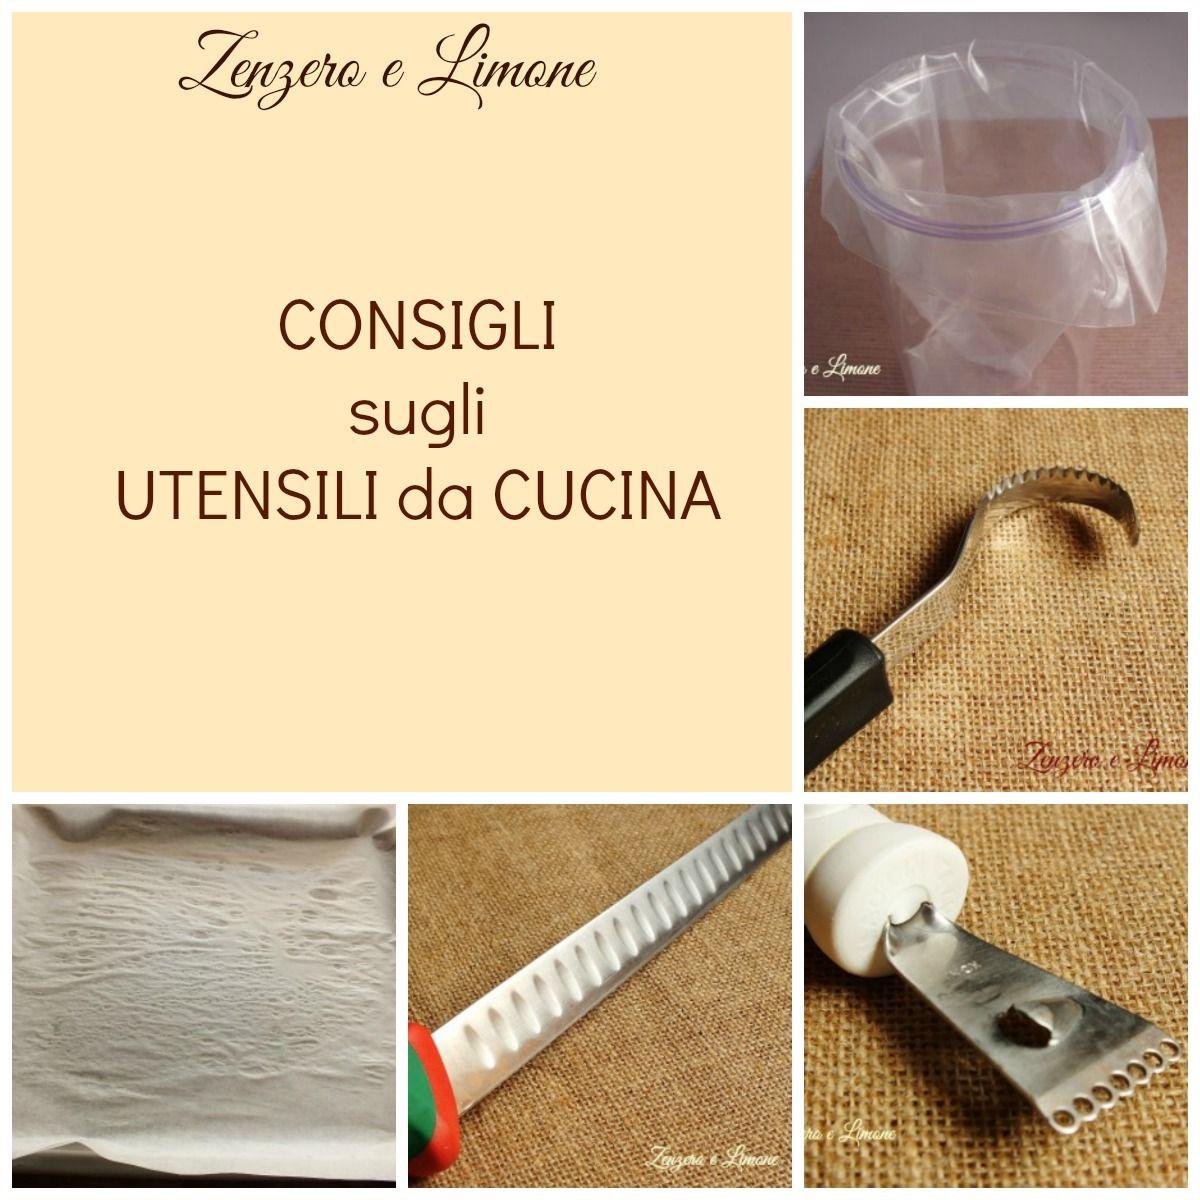 Utensili da cucina consigli in cucina in the kitchen kitchen hacks cooking tips e food - Trucchi per taglio piastrelle ...